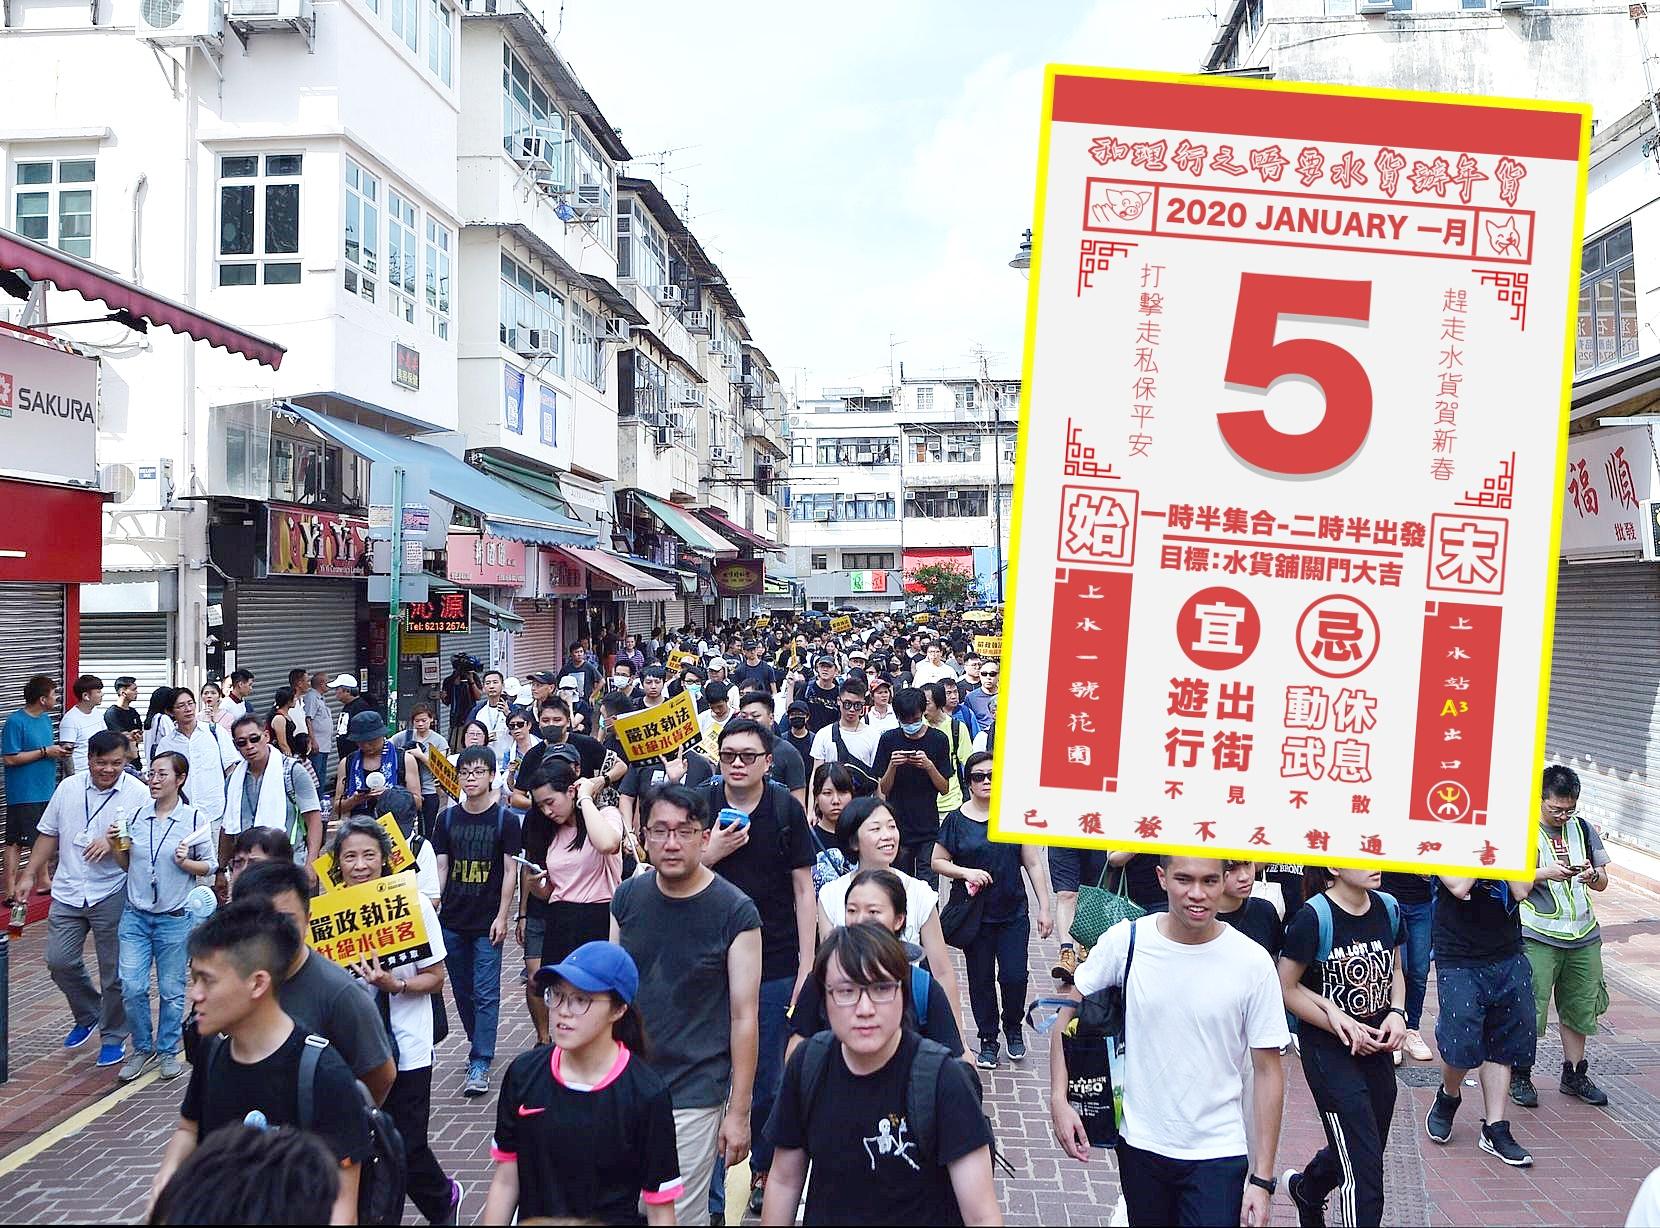 网民周日办上水集会游行 获发不反对通知书